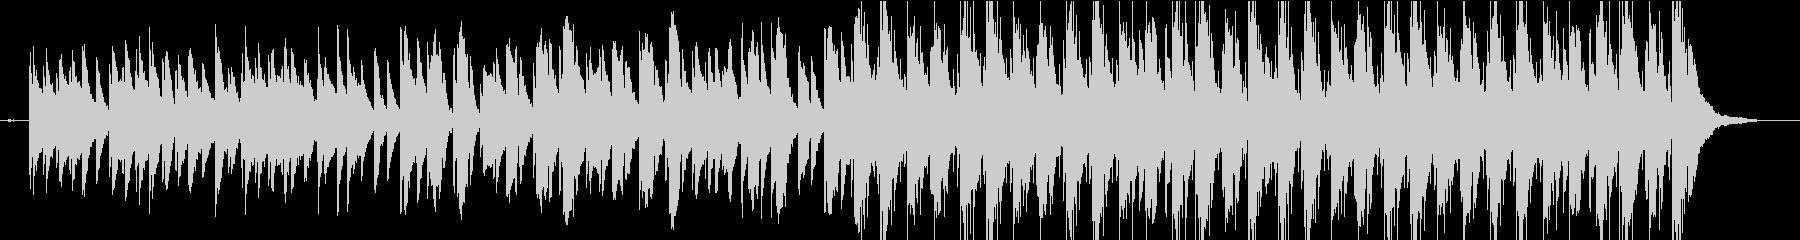 企業VPや映像に軽快わくわくピアノBGMの未再生の波形